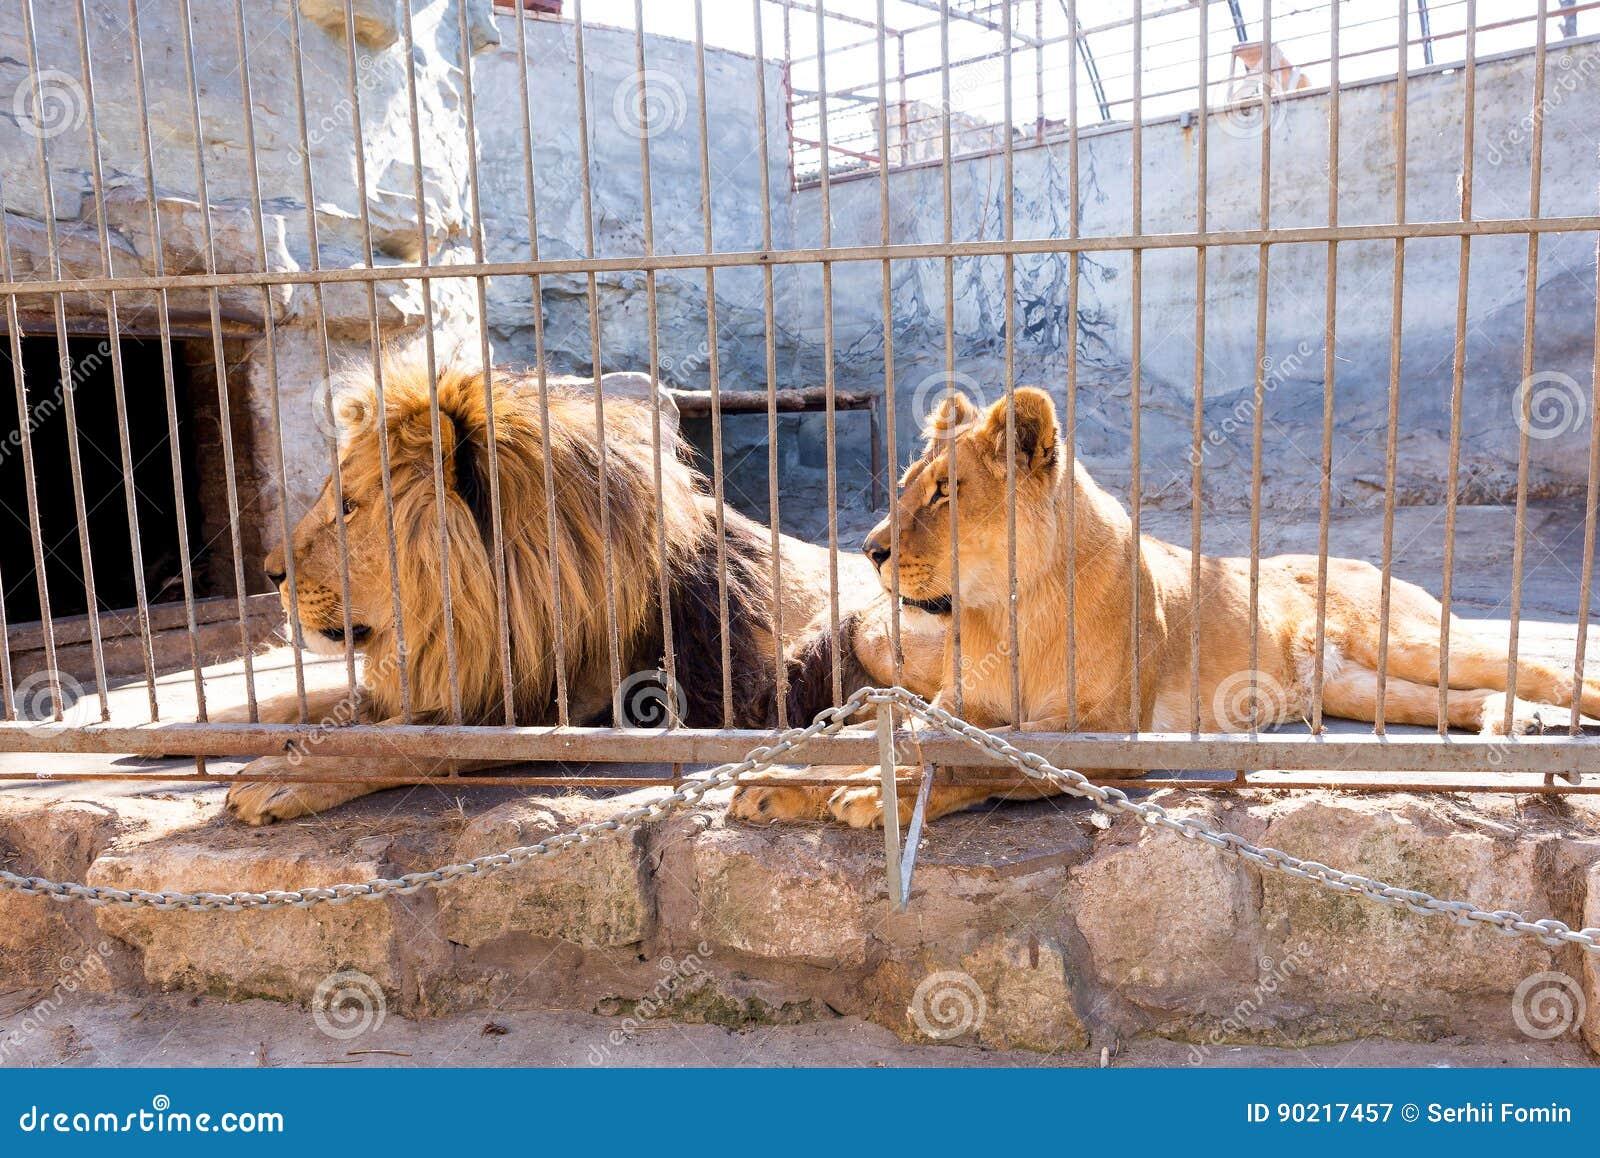 Пара львов в плене в зоопарке за решеткой Сила и агрессия в клетке